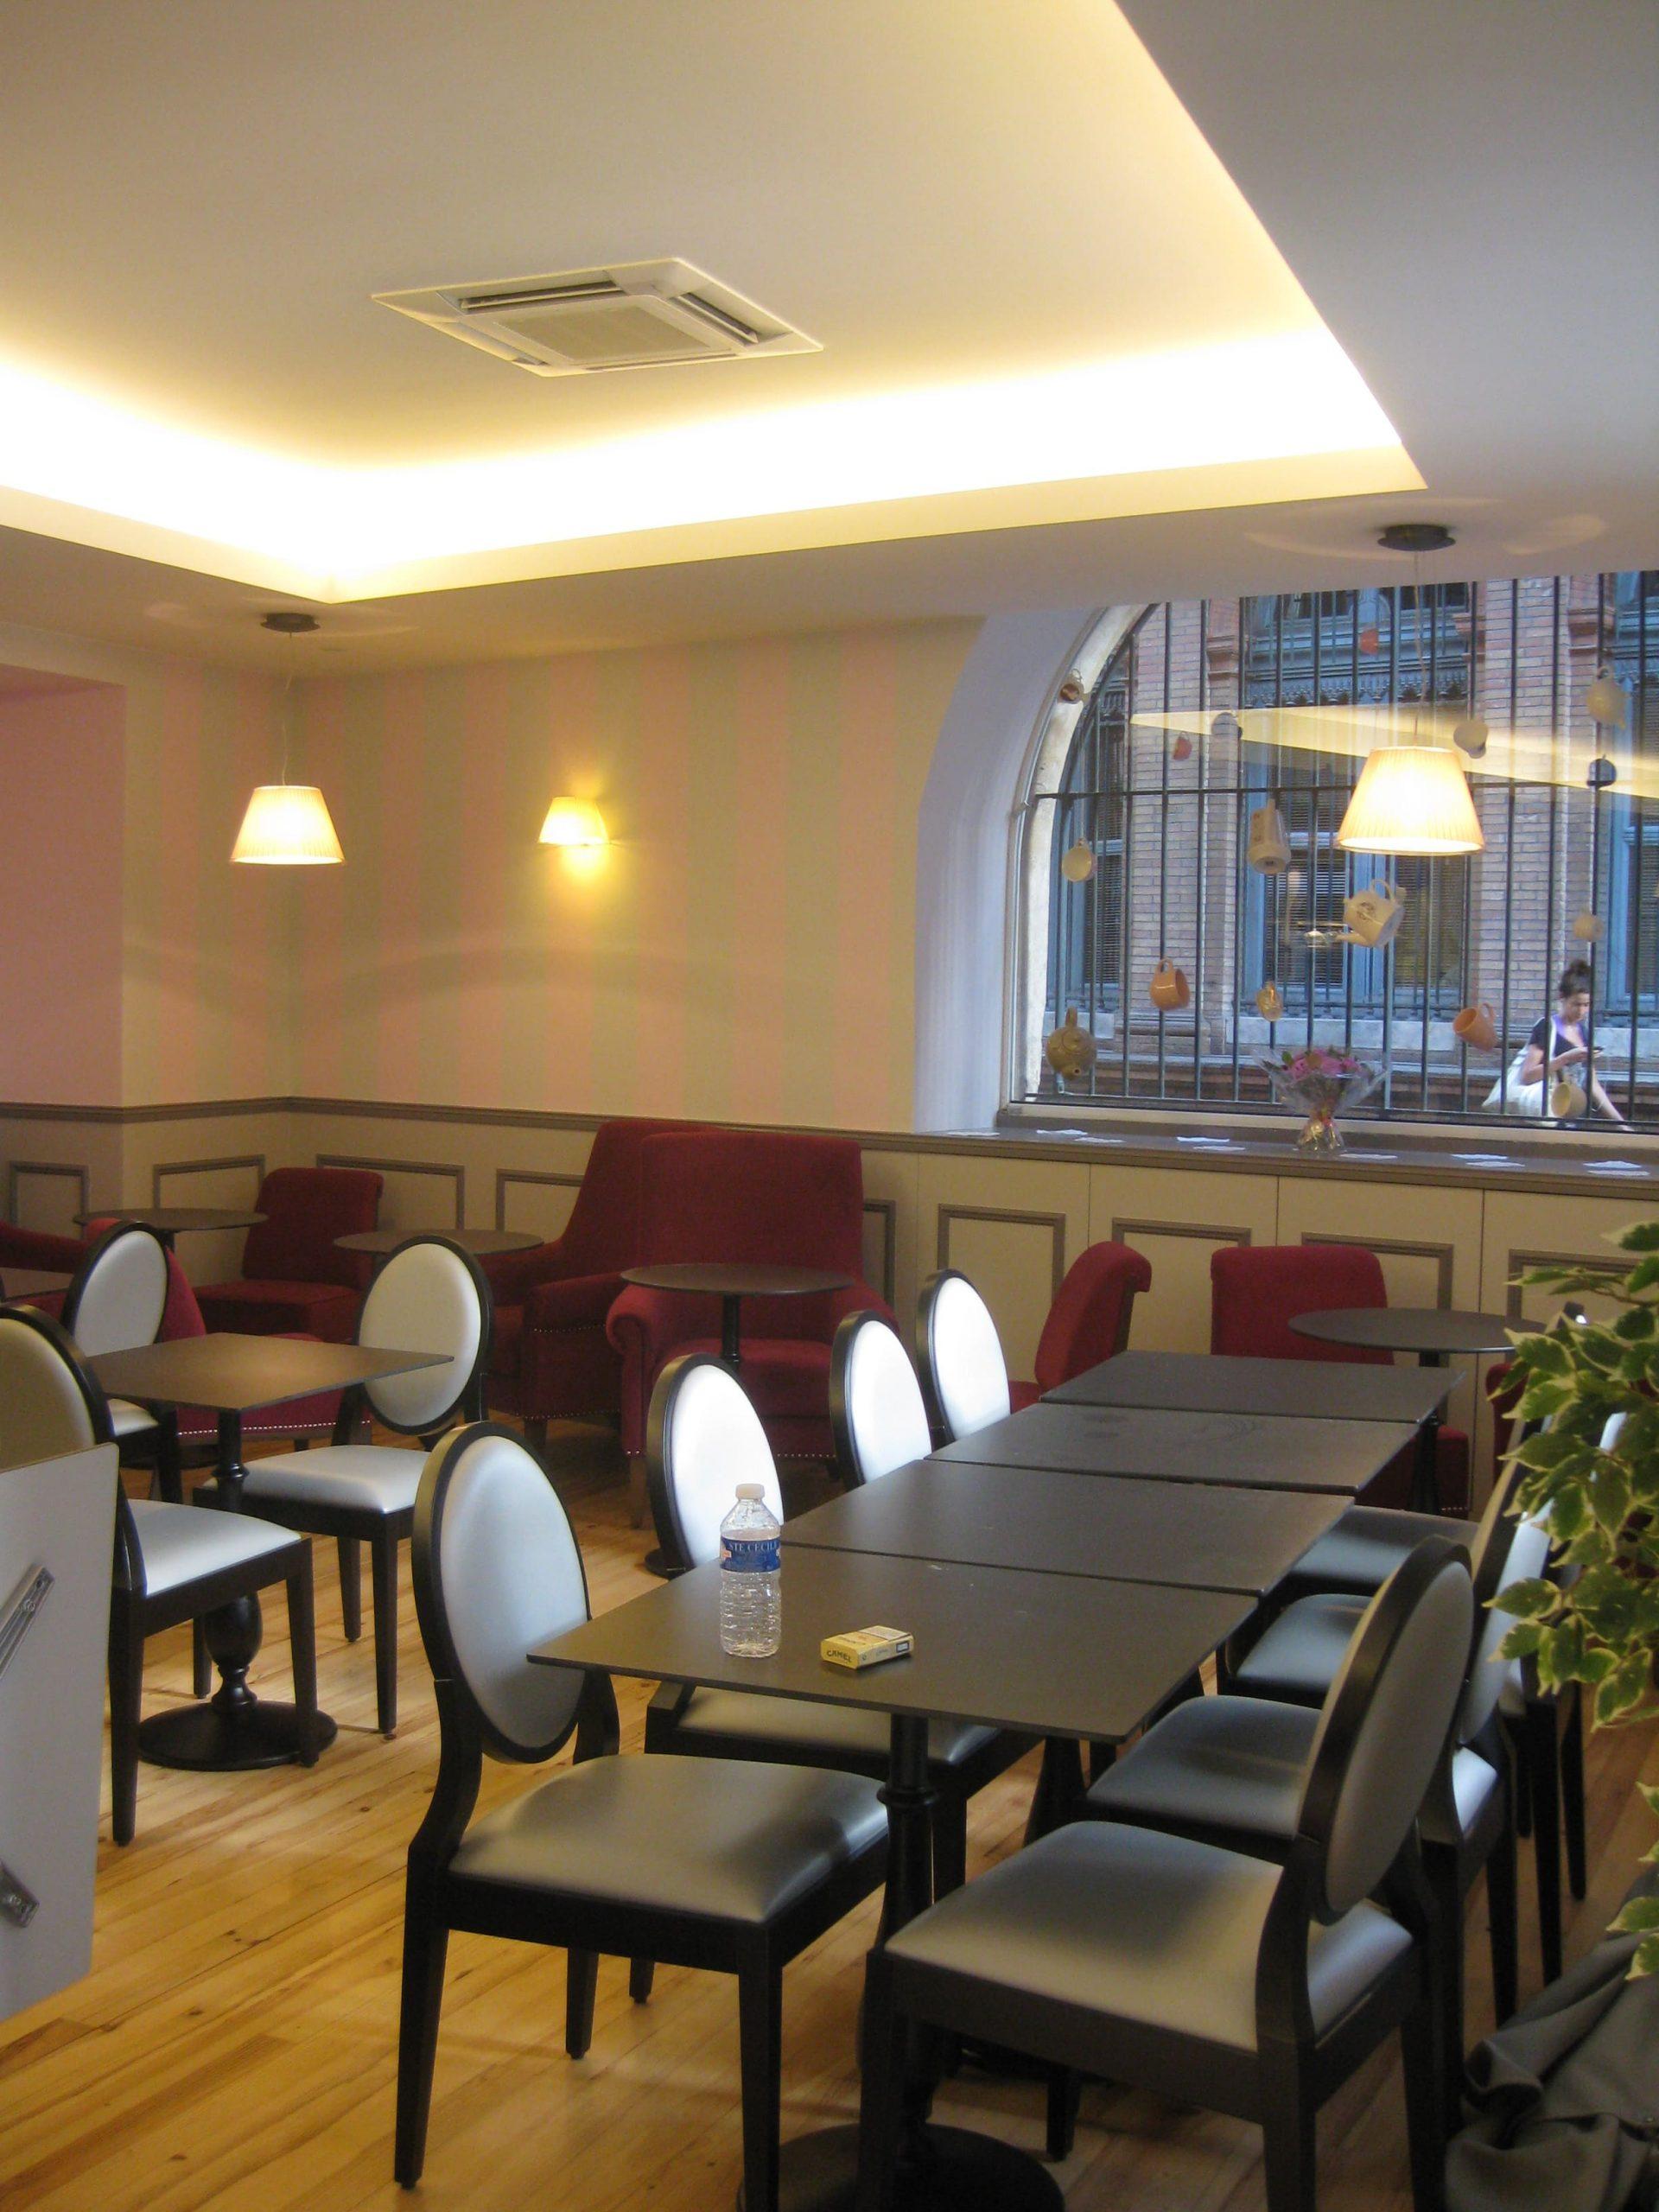 Salle de restauration du salon de thé Perlette à Toulouse agencé par SAFRA Agencement